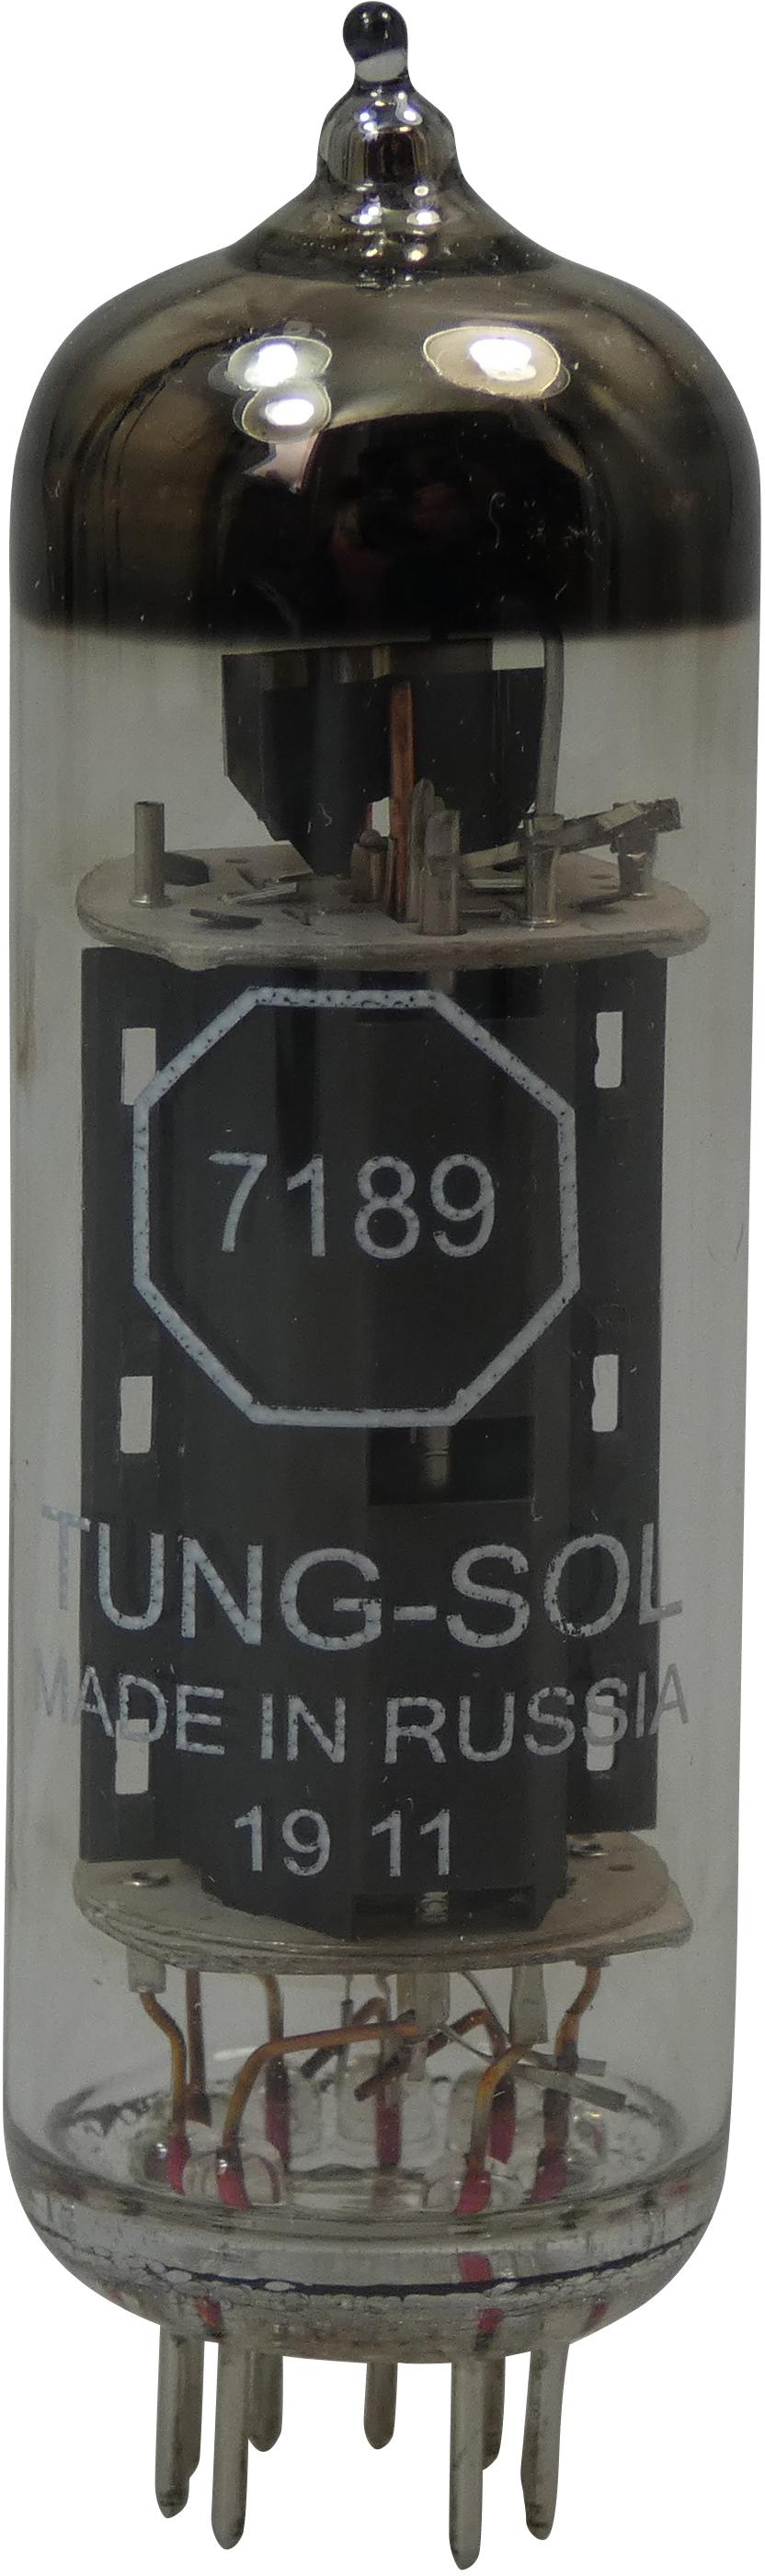 7189 TungSol